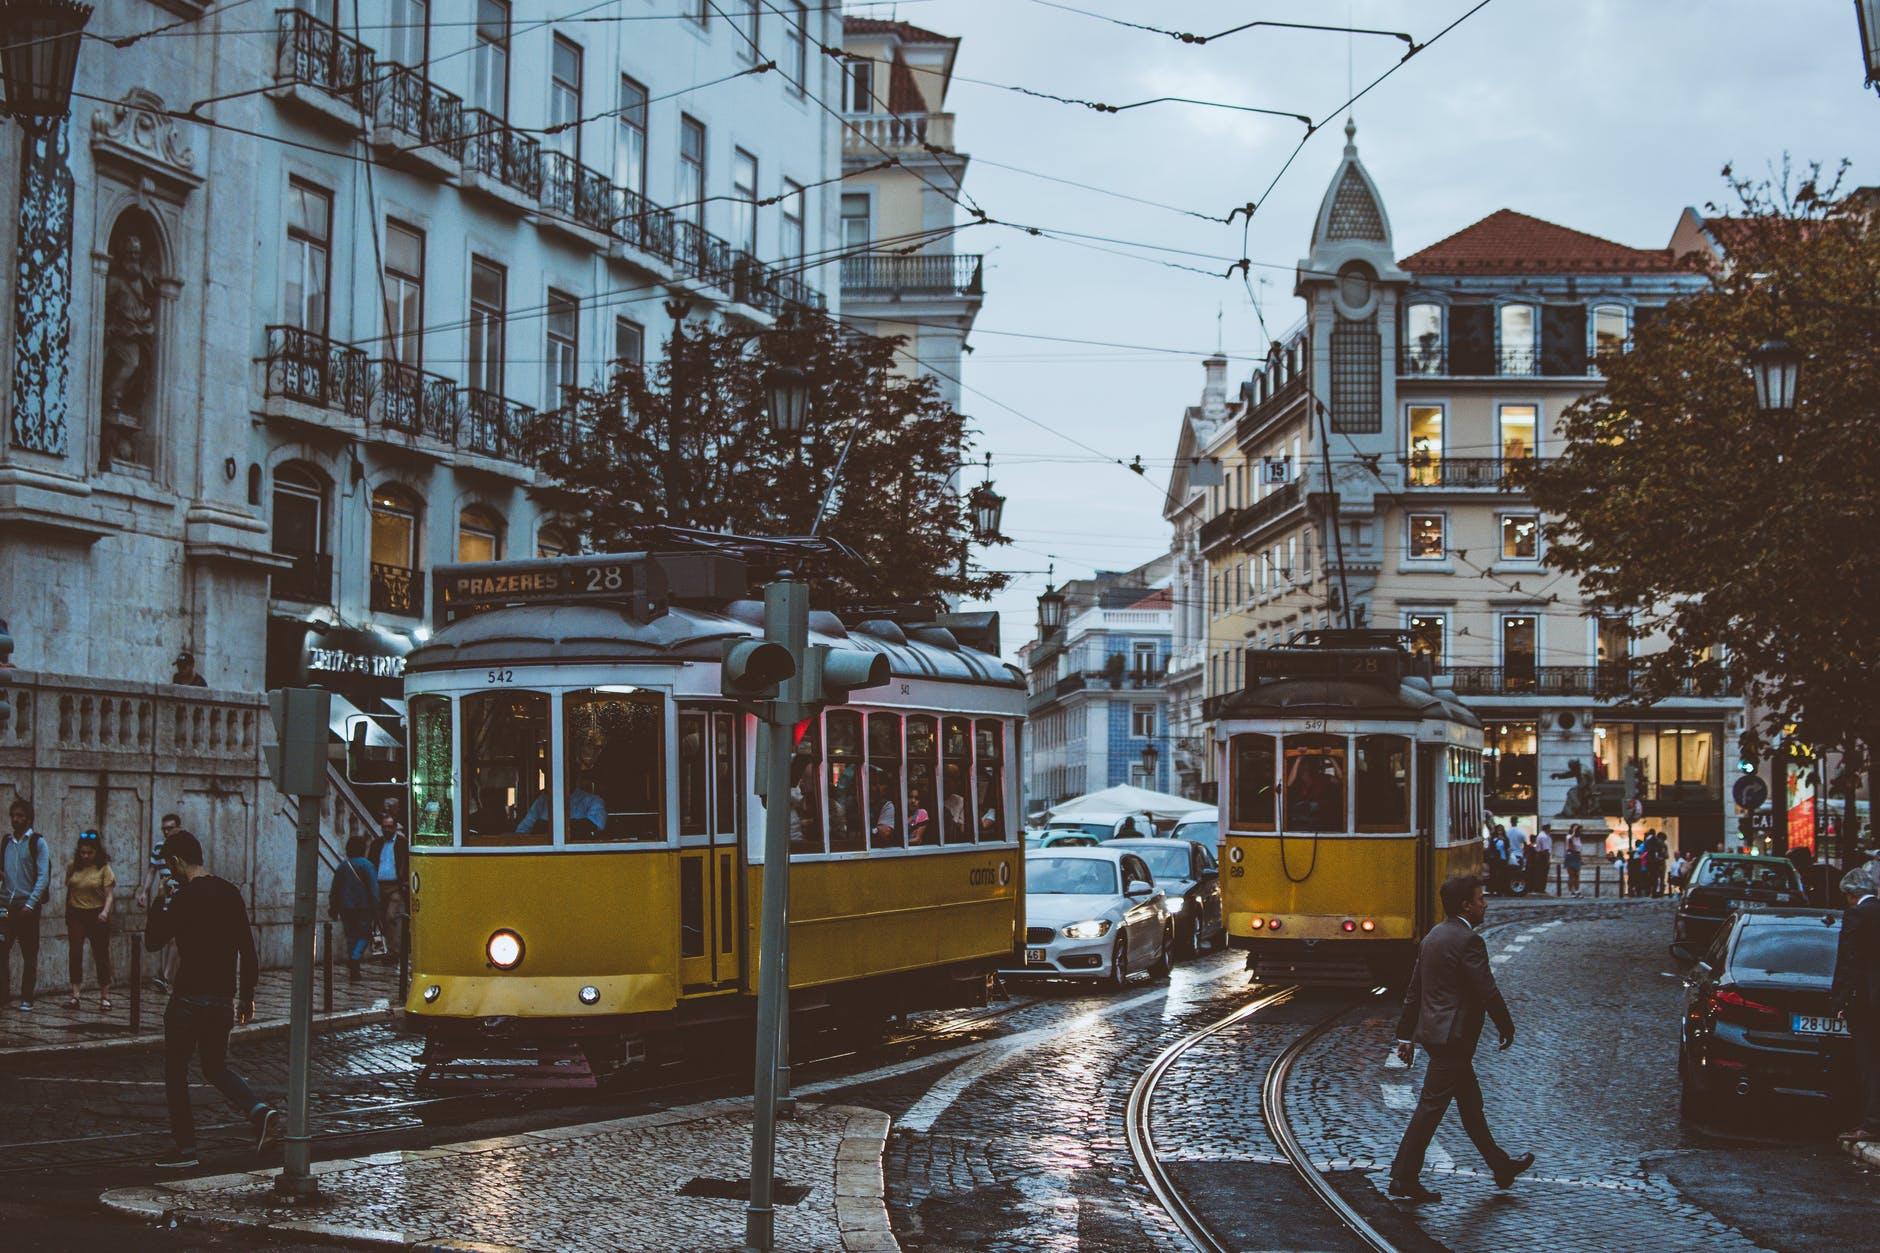 Portugalia va autoriza de luni călătoriile în scop turistic pentru persoanele din majoritatea ţărilor europene